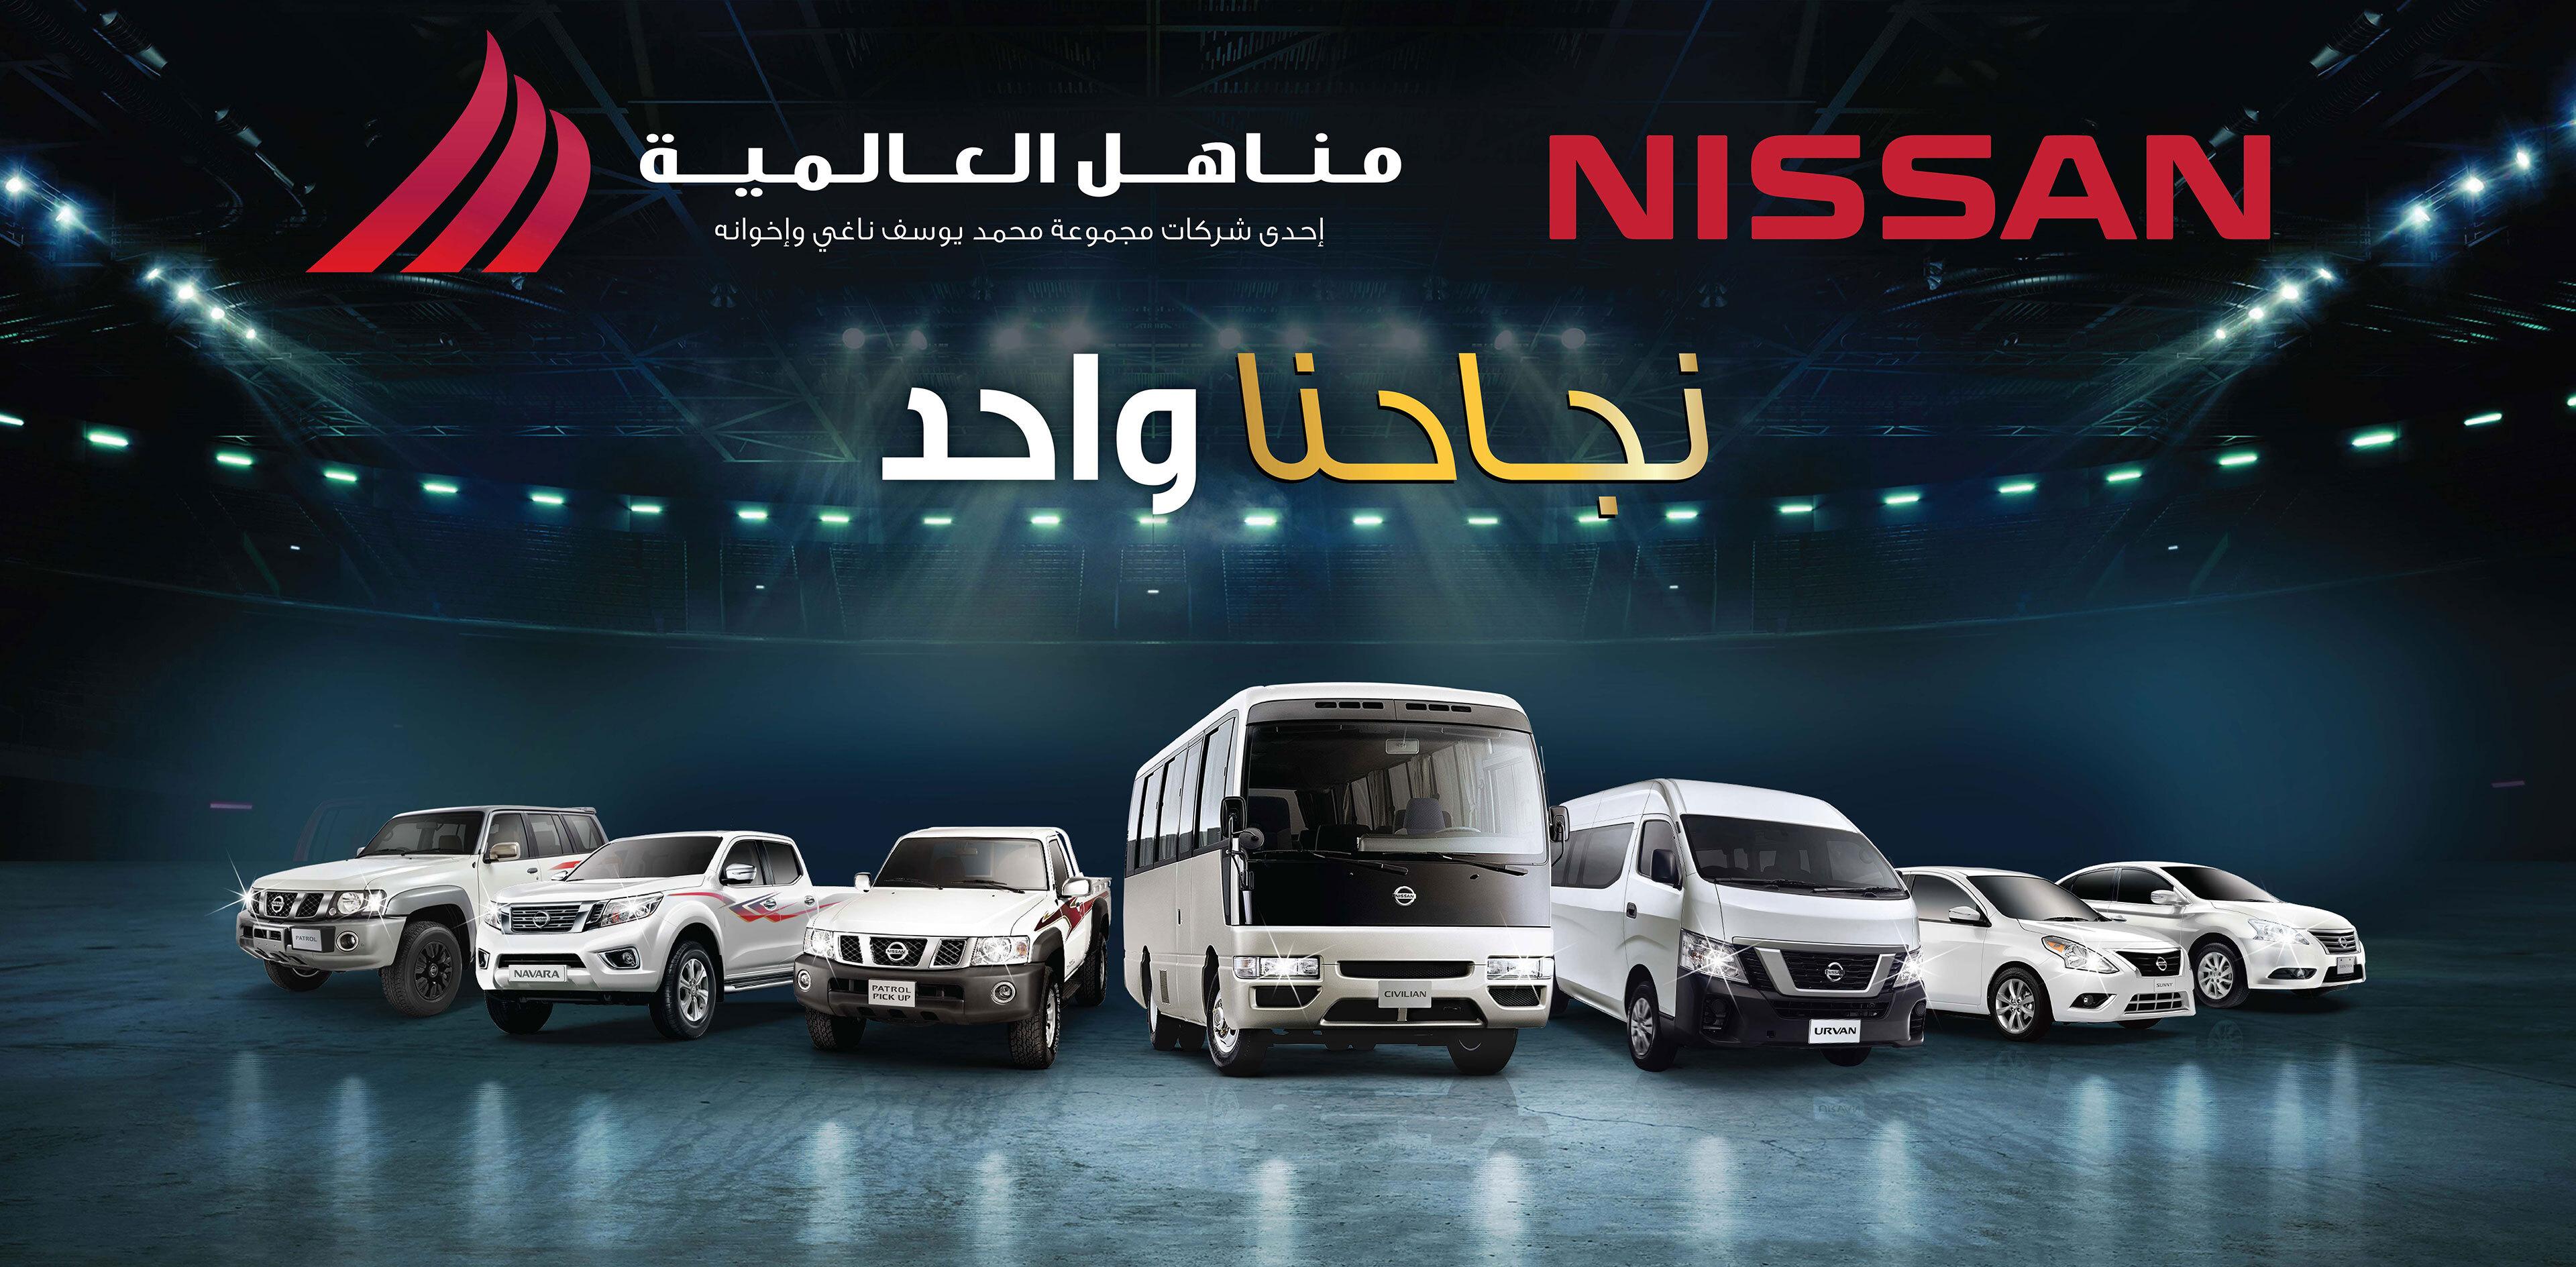 مجموعة سيارات نيسان